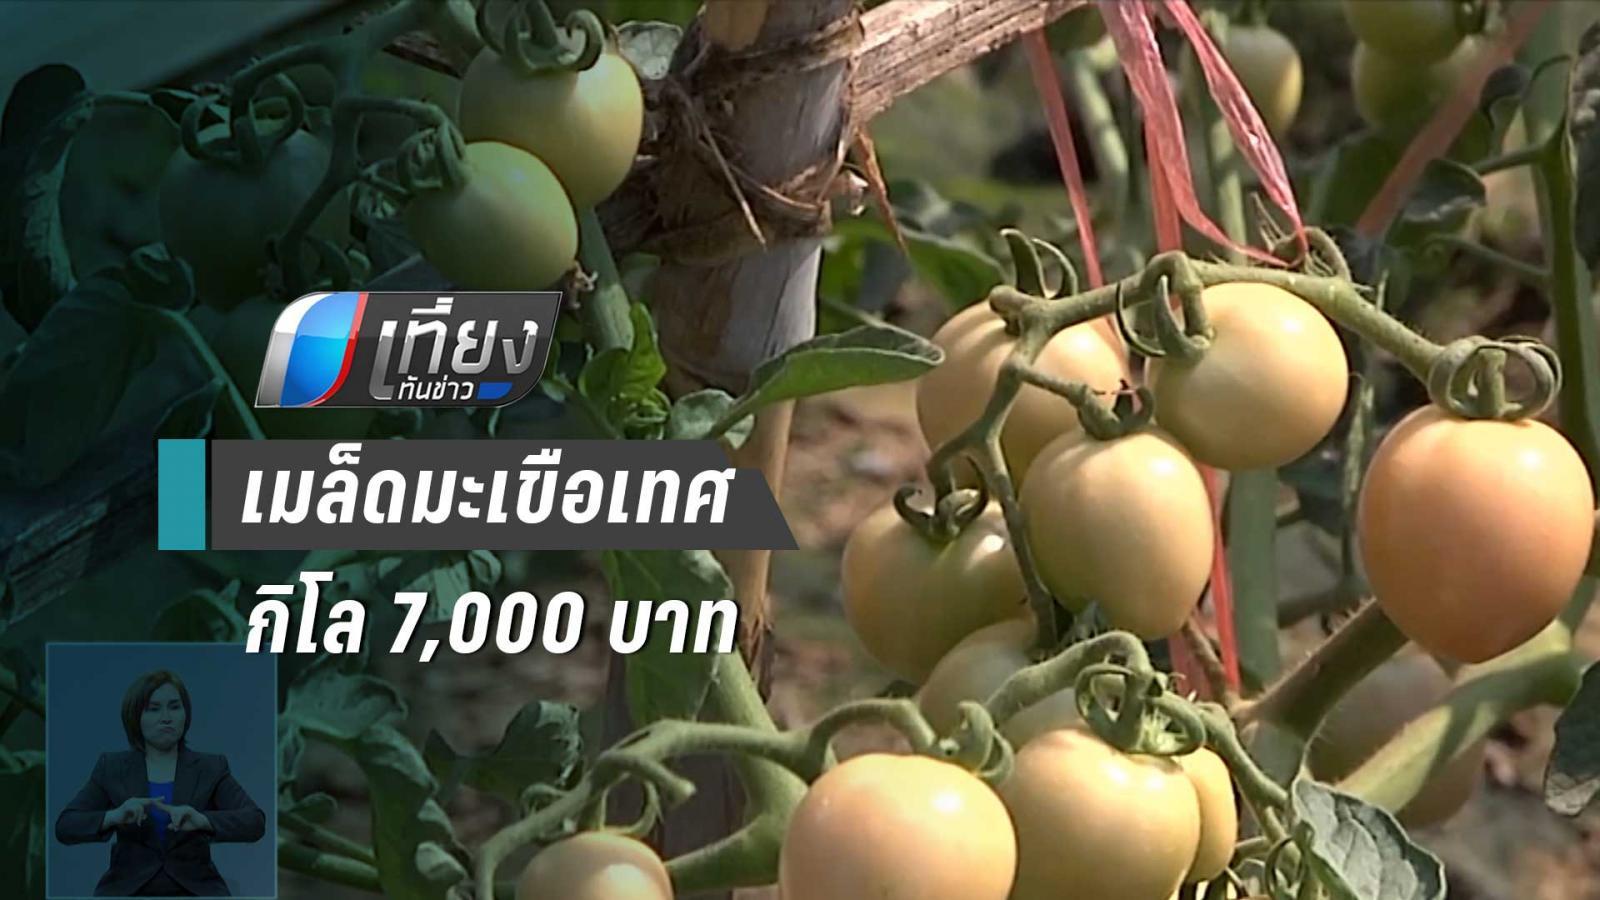 ชาวบ้าน ปลูกมะเขือเทศ ขายเมล็ดตากแห้ง กิโลละ 7,000 บาท